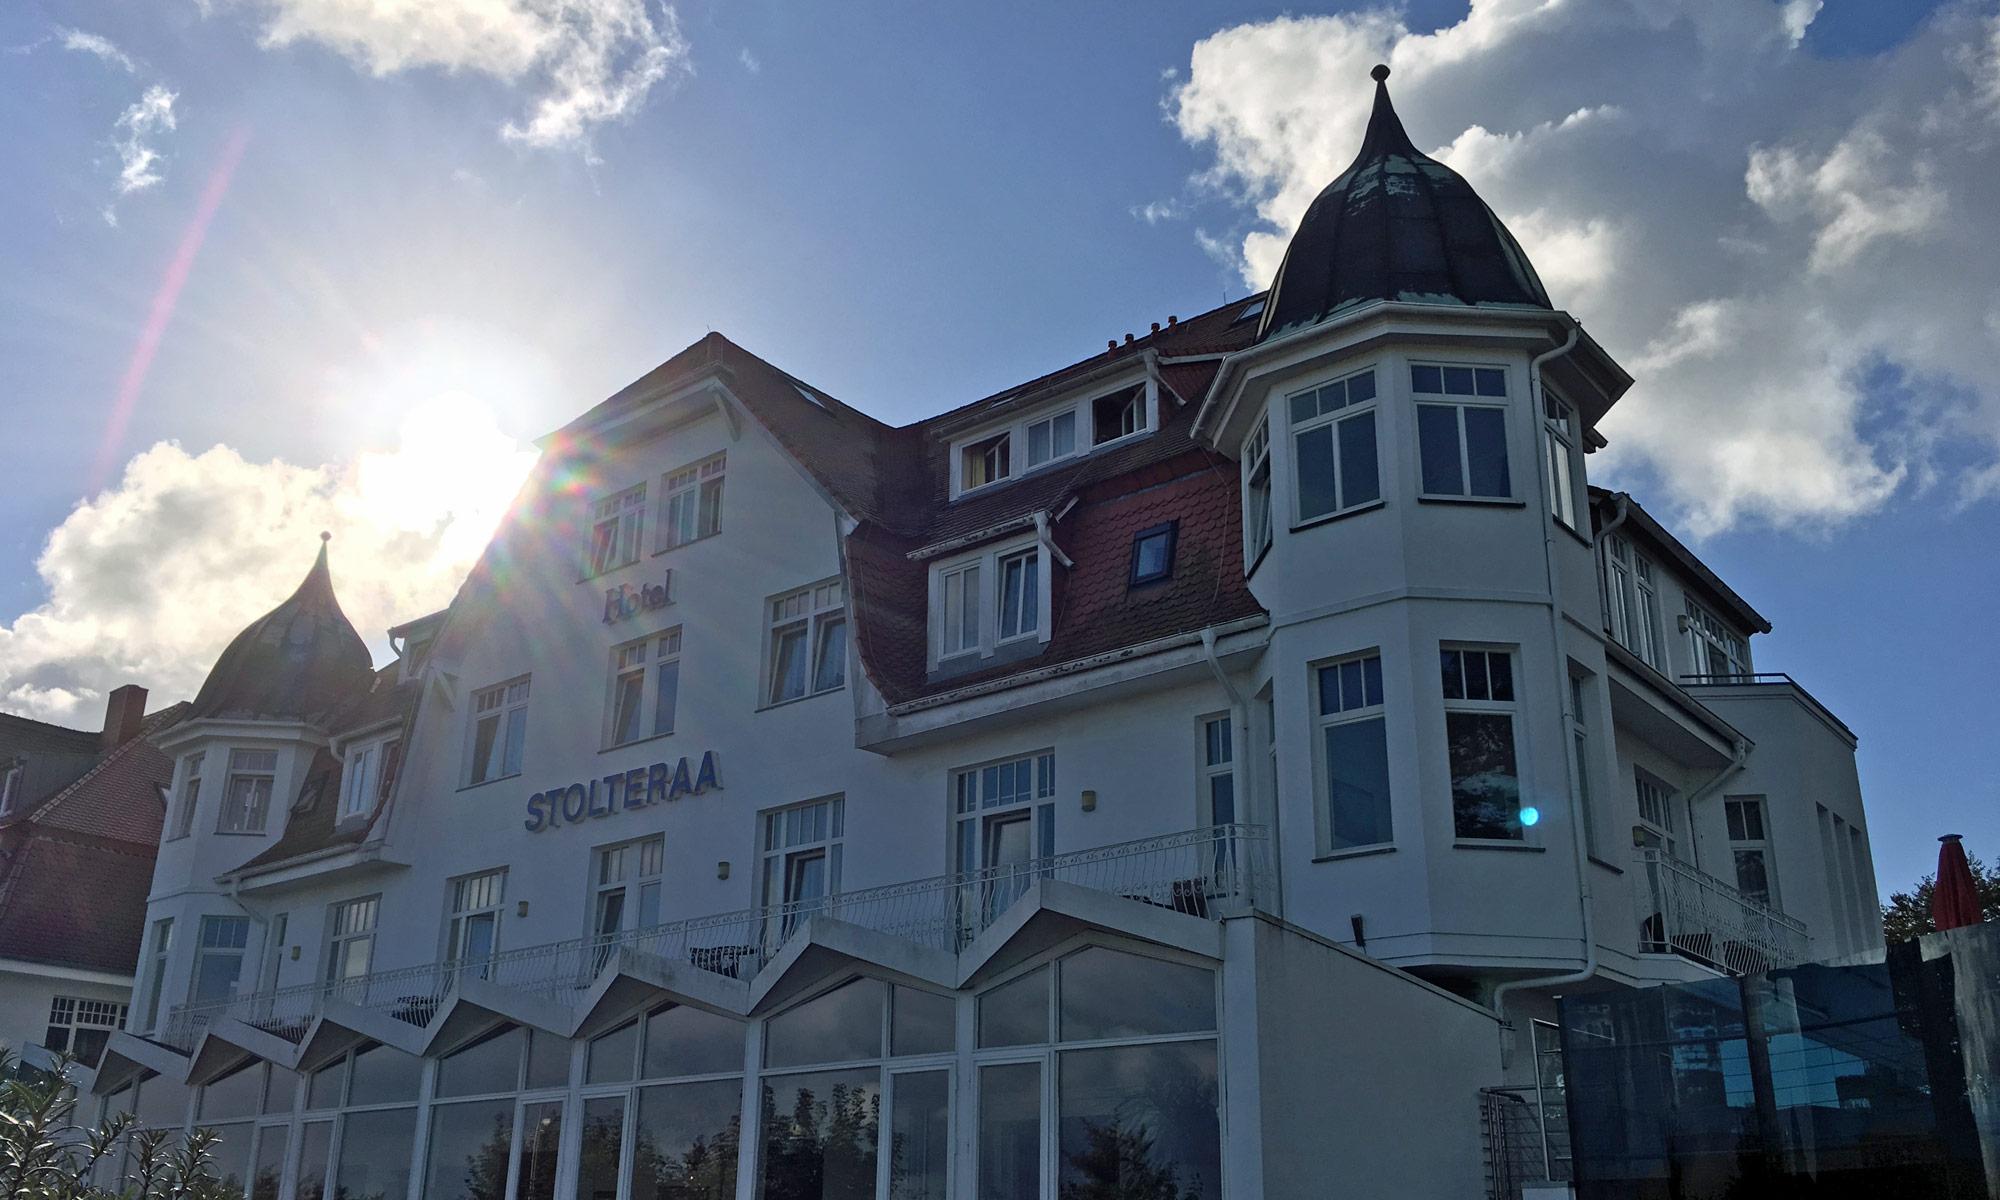 Hotel Stolteraa Warnemünde